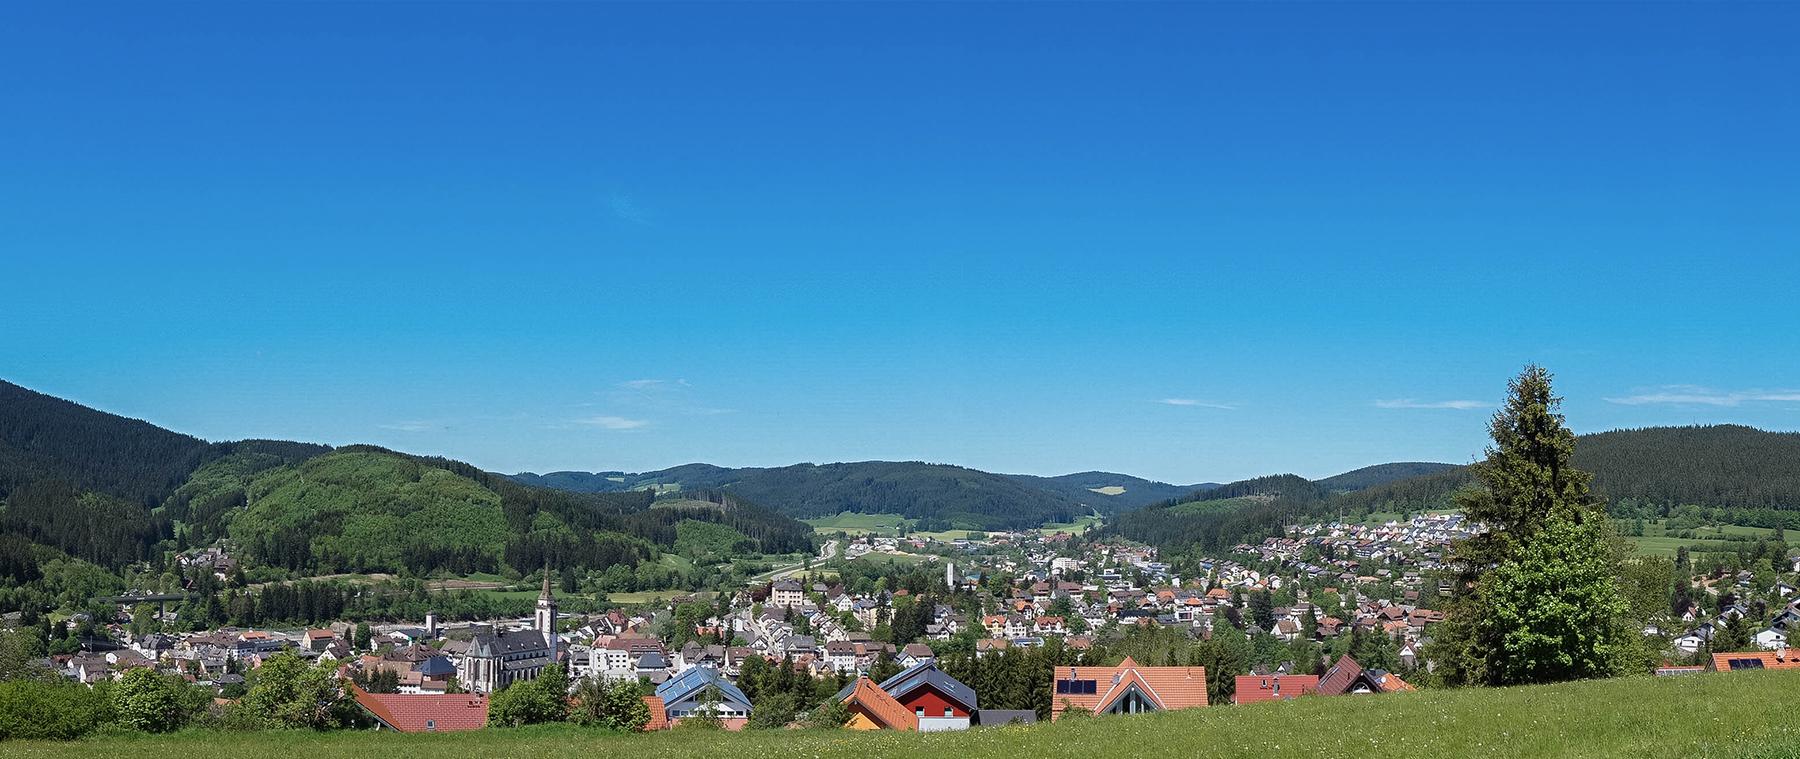 Reisetraum Schwarzwald - Blick auf Neustadt im Schwarzwald